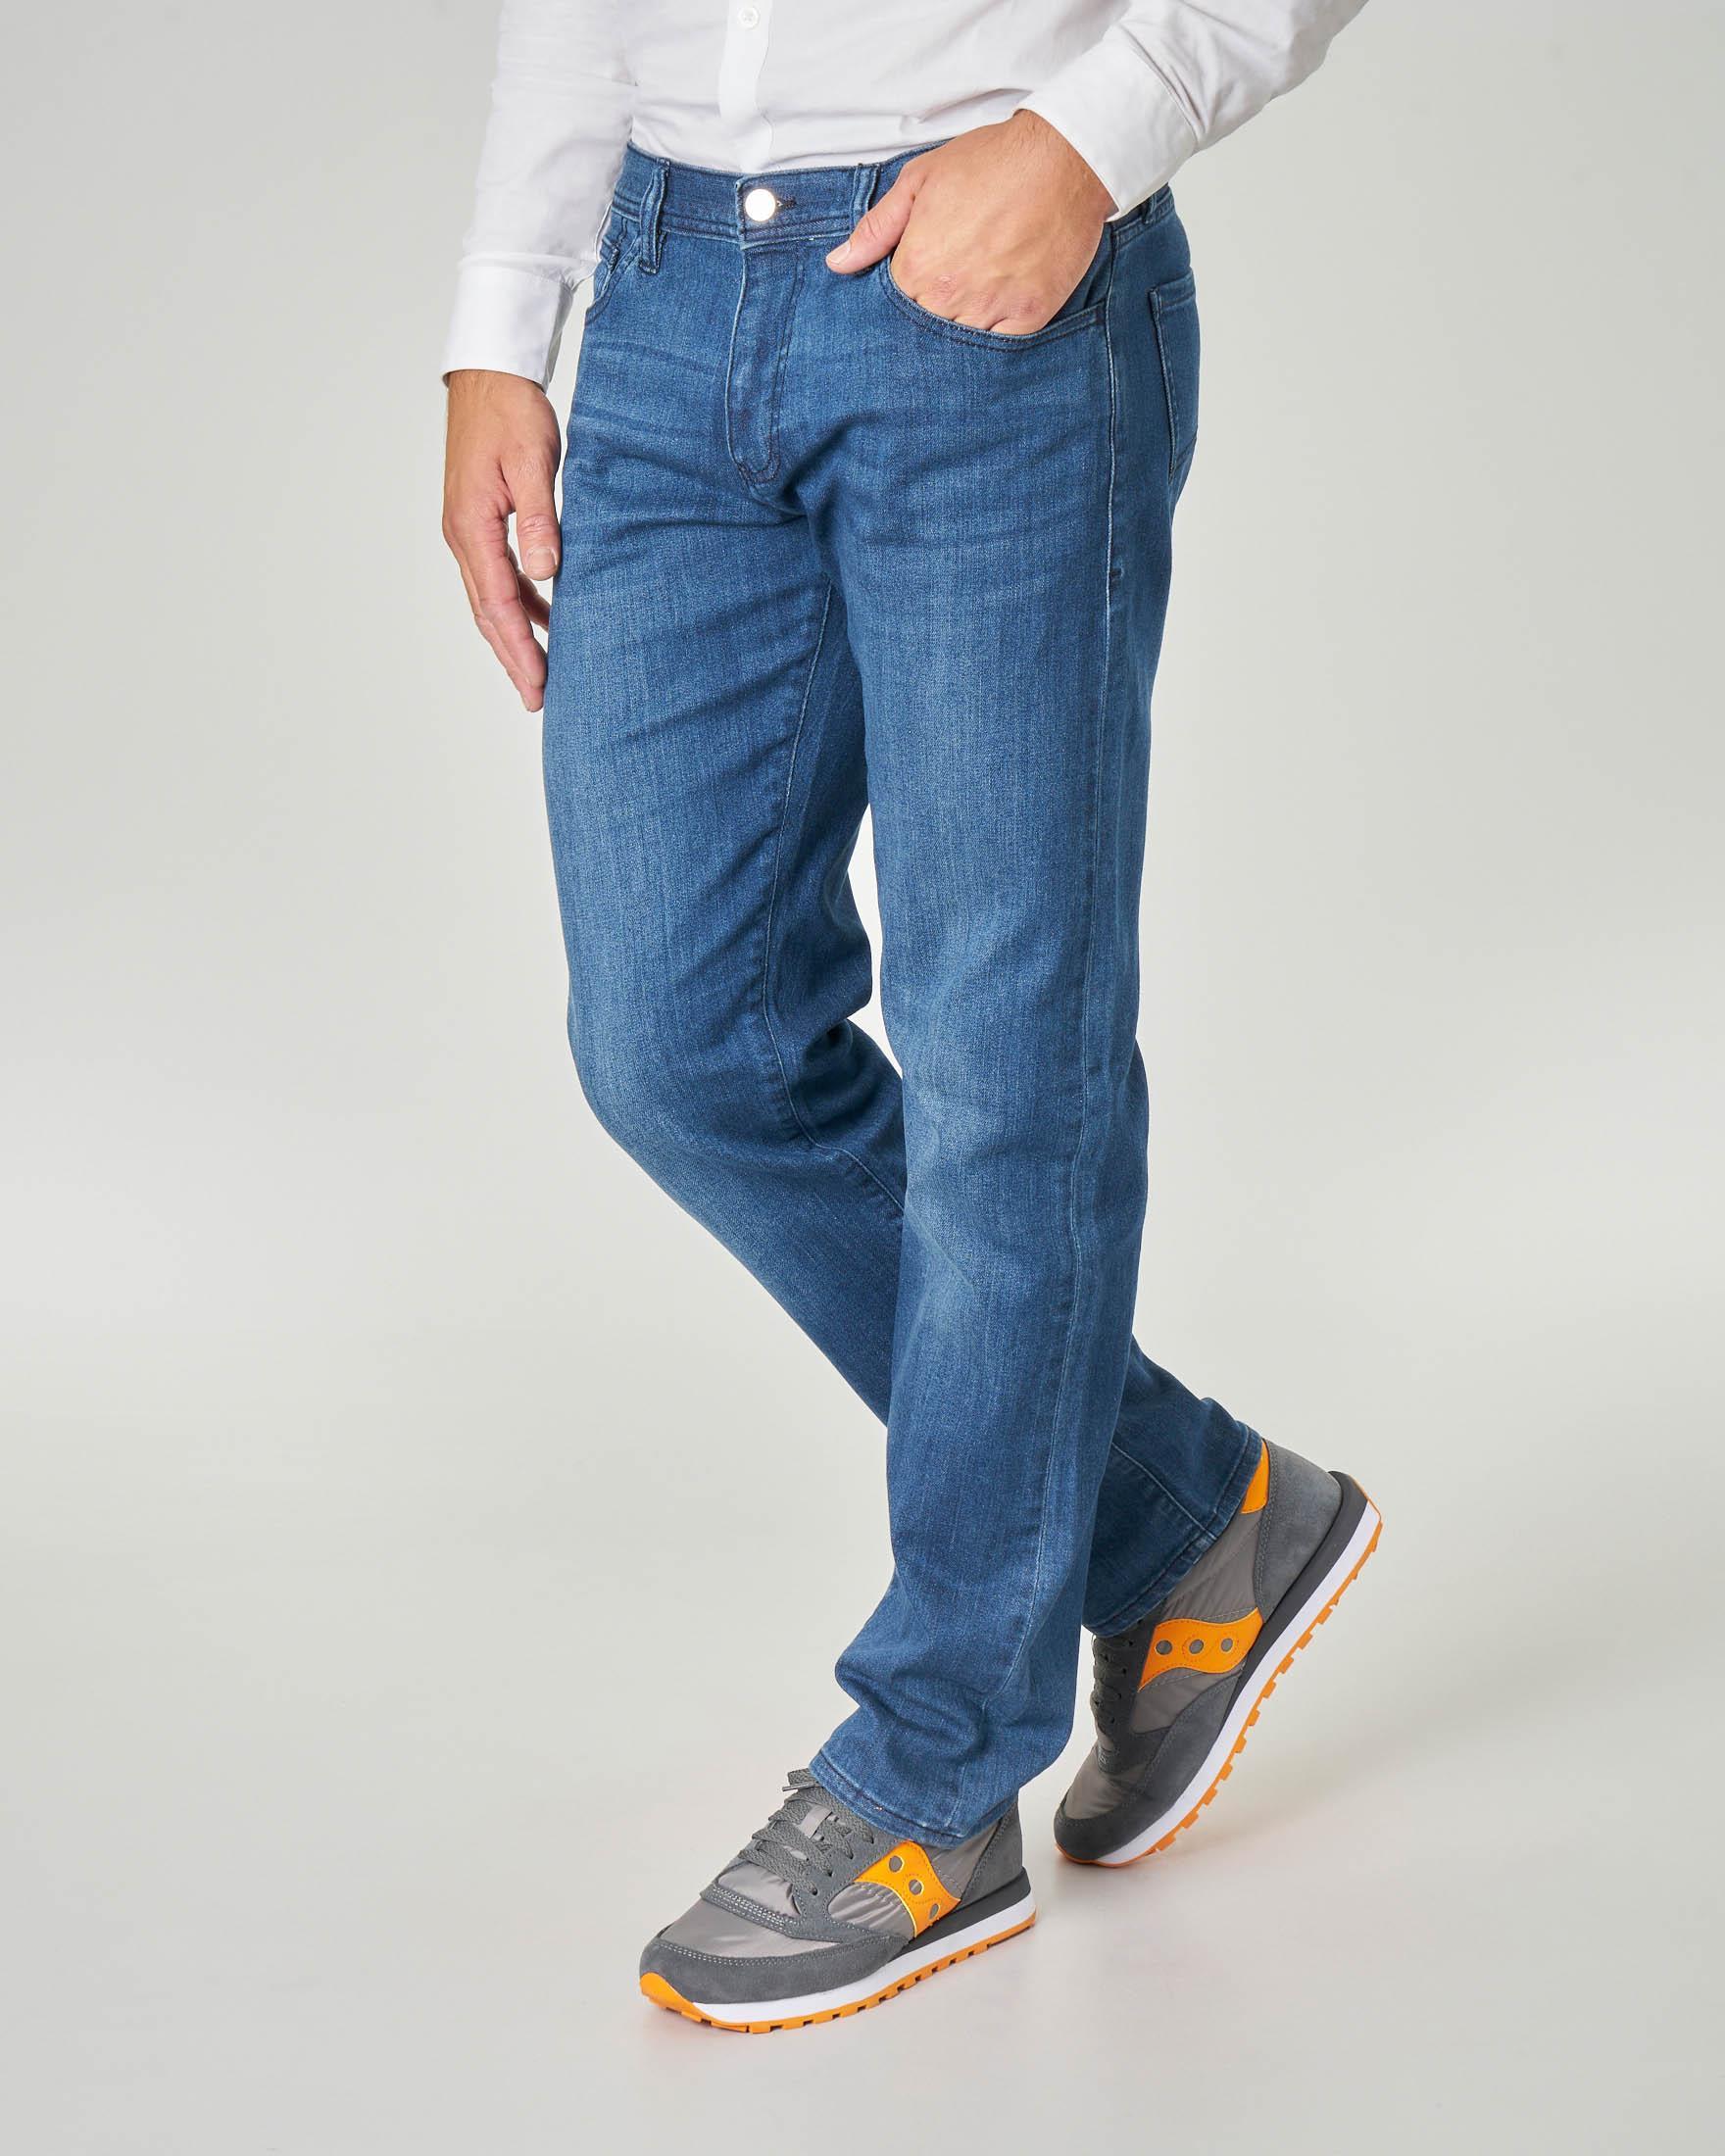 Jeans J16 lavaggio stone wash con baffature in cotone stretch